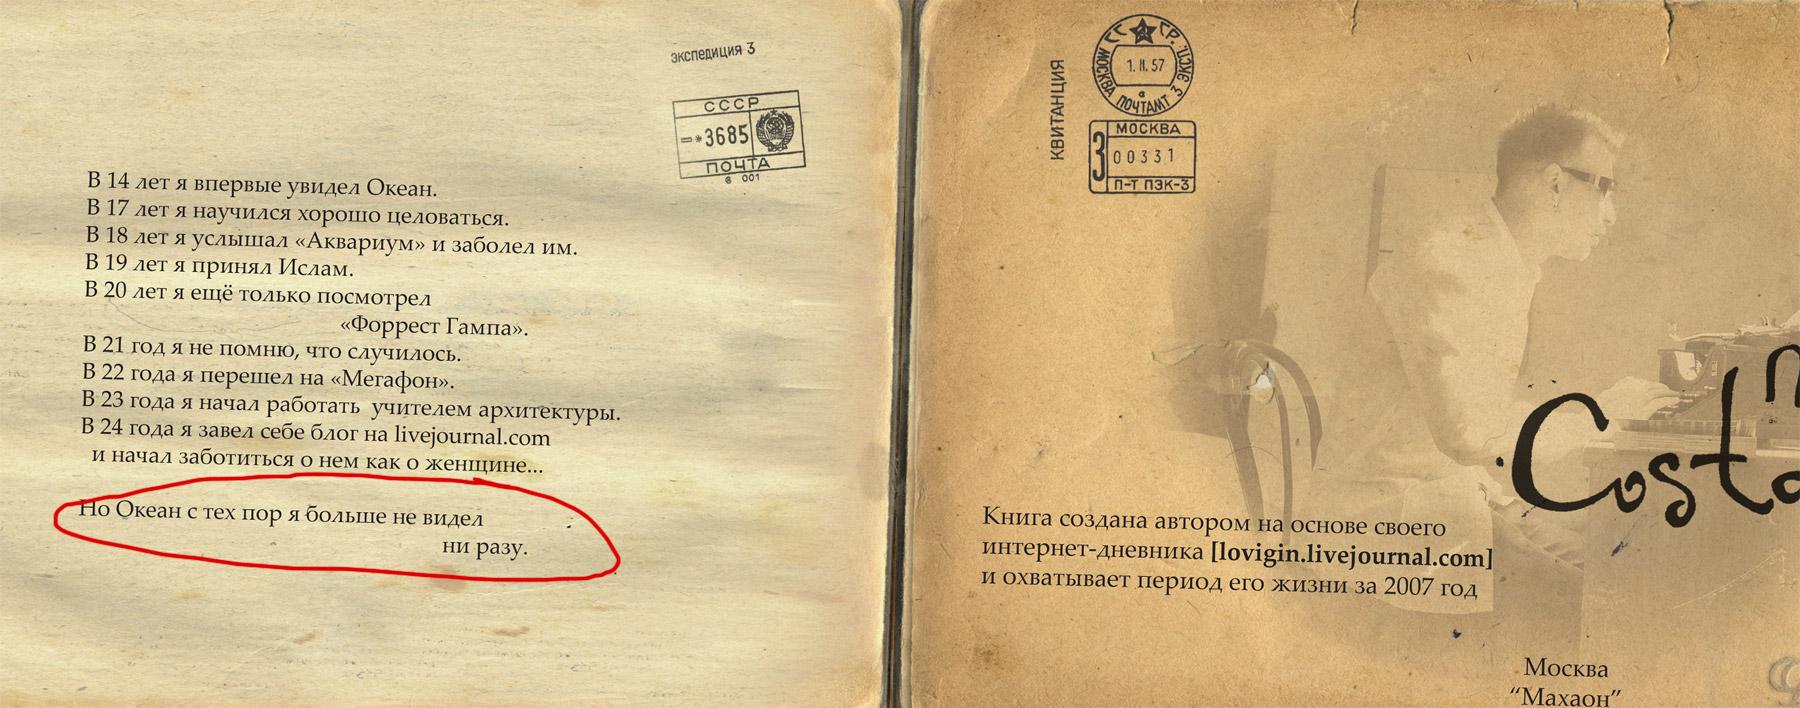 costarica-book-russia-4.jpg